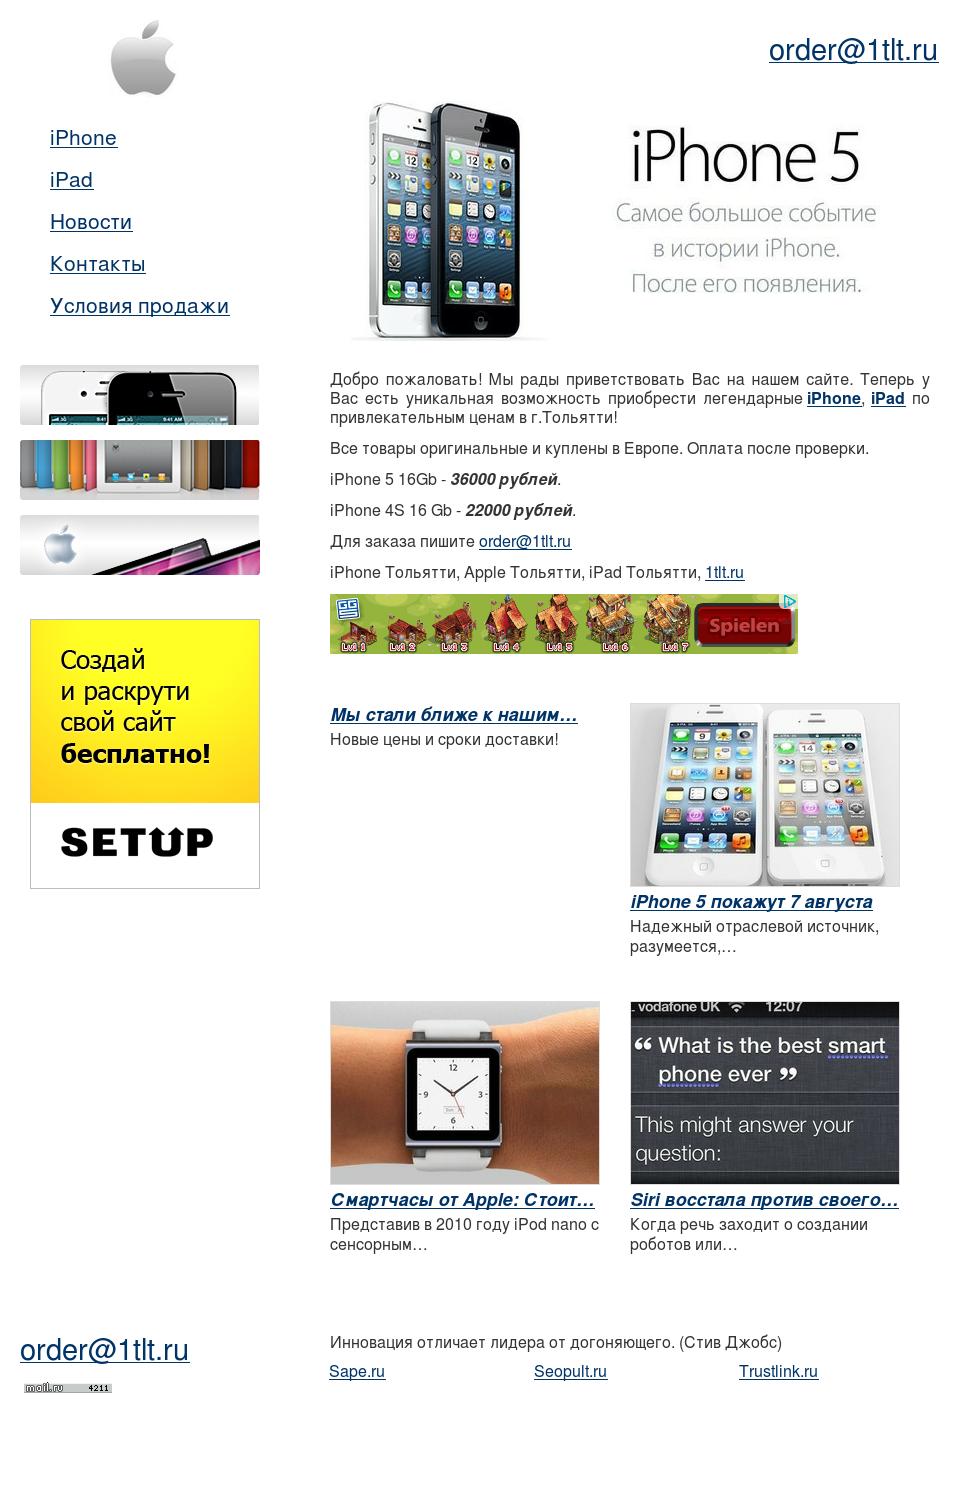 Apple в Тольятти - оригинальные iPhone и iPad по самым низким ценам Новый iphone 4s, новинки apple, новый apple ipad, купить новый ipad, новая версия ipad, новости apple iphone, apple новости ipad, ipad2 wifi, новые iphone 3gs, новый iphone 5